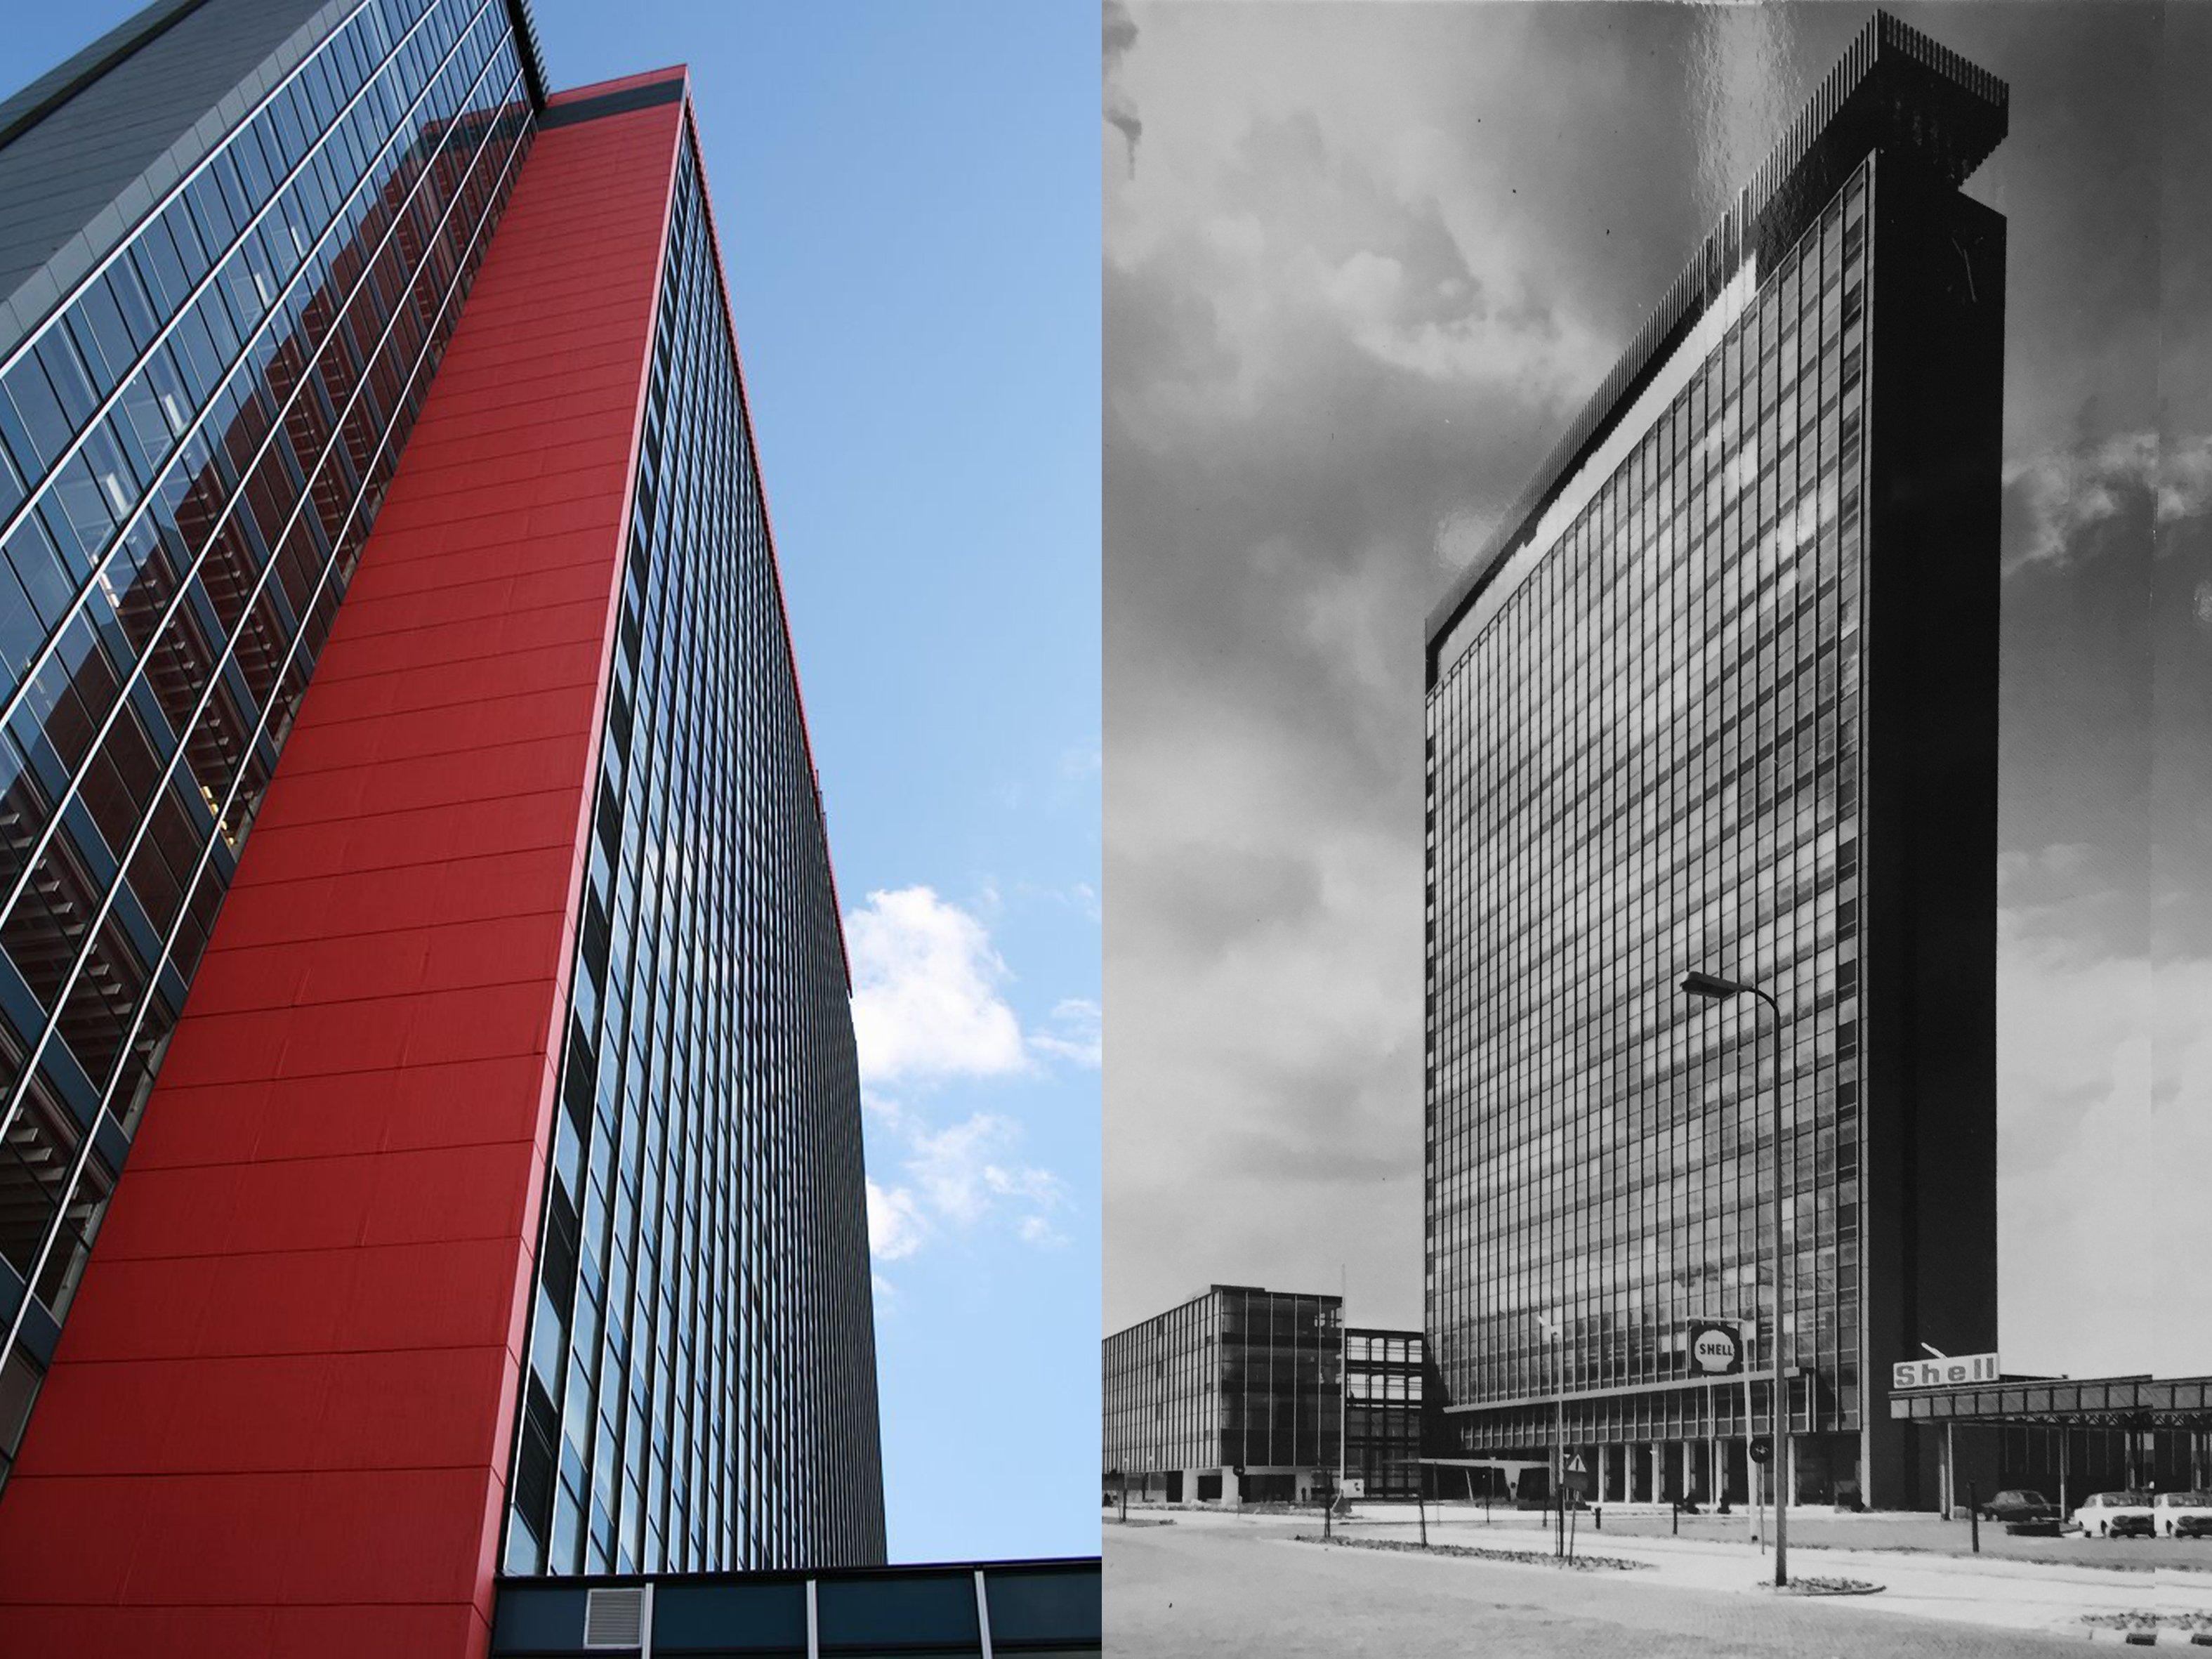 Alternatief herontwikkelingsplan moet gebouw elektrotechniek (TUDelft) redden